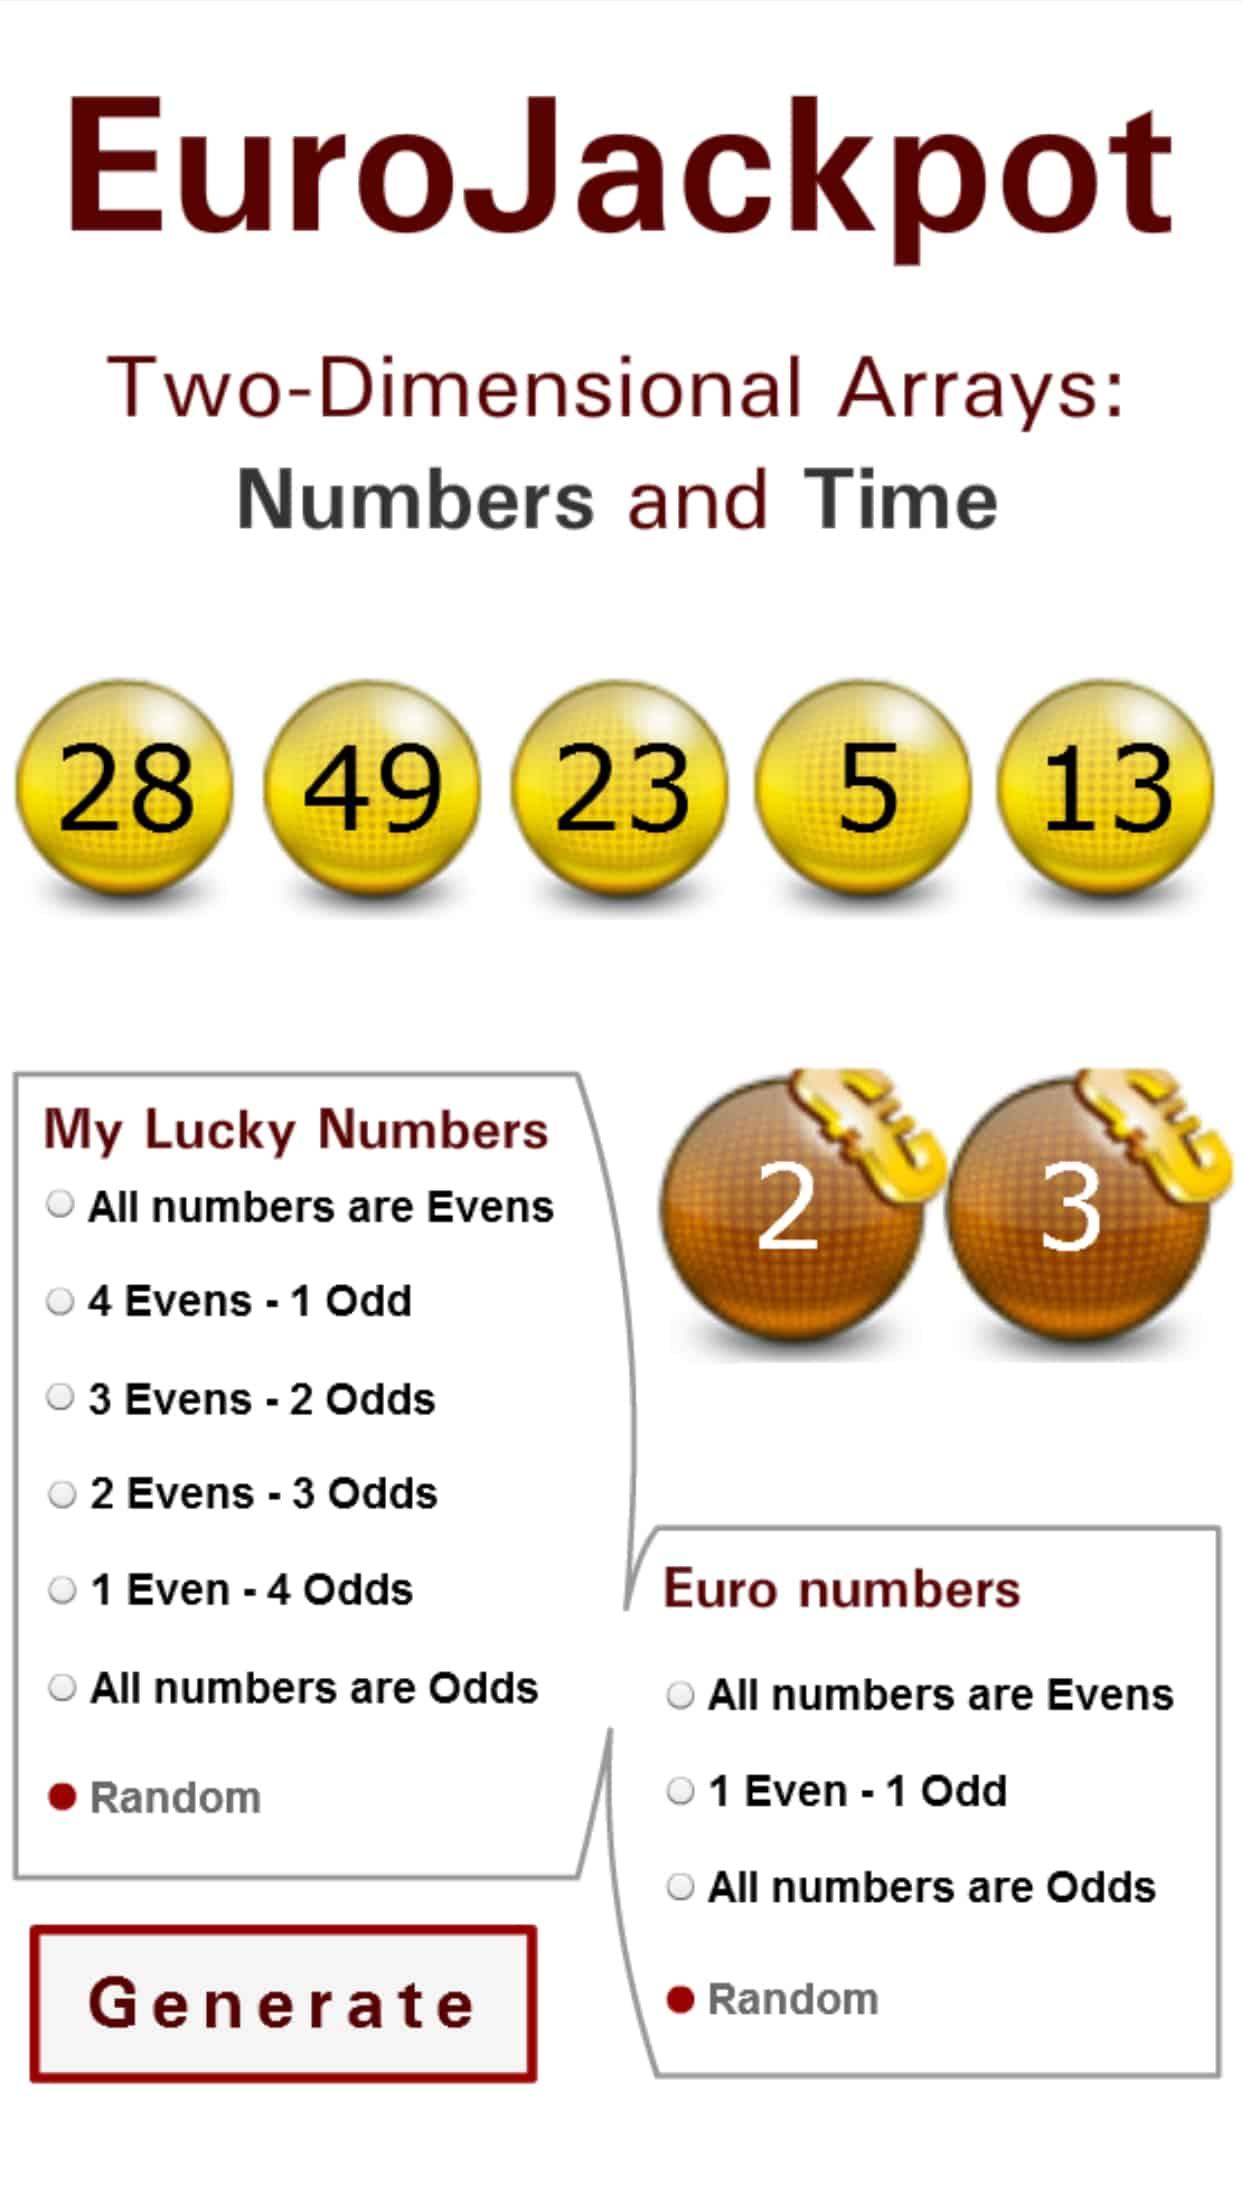 Euro jackpot vorhersage durch analyse vergangener ziehungen